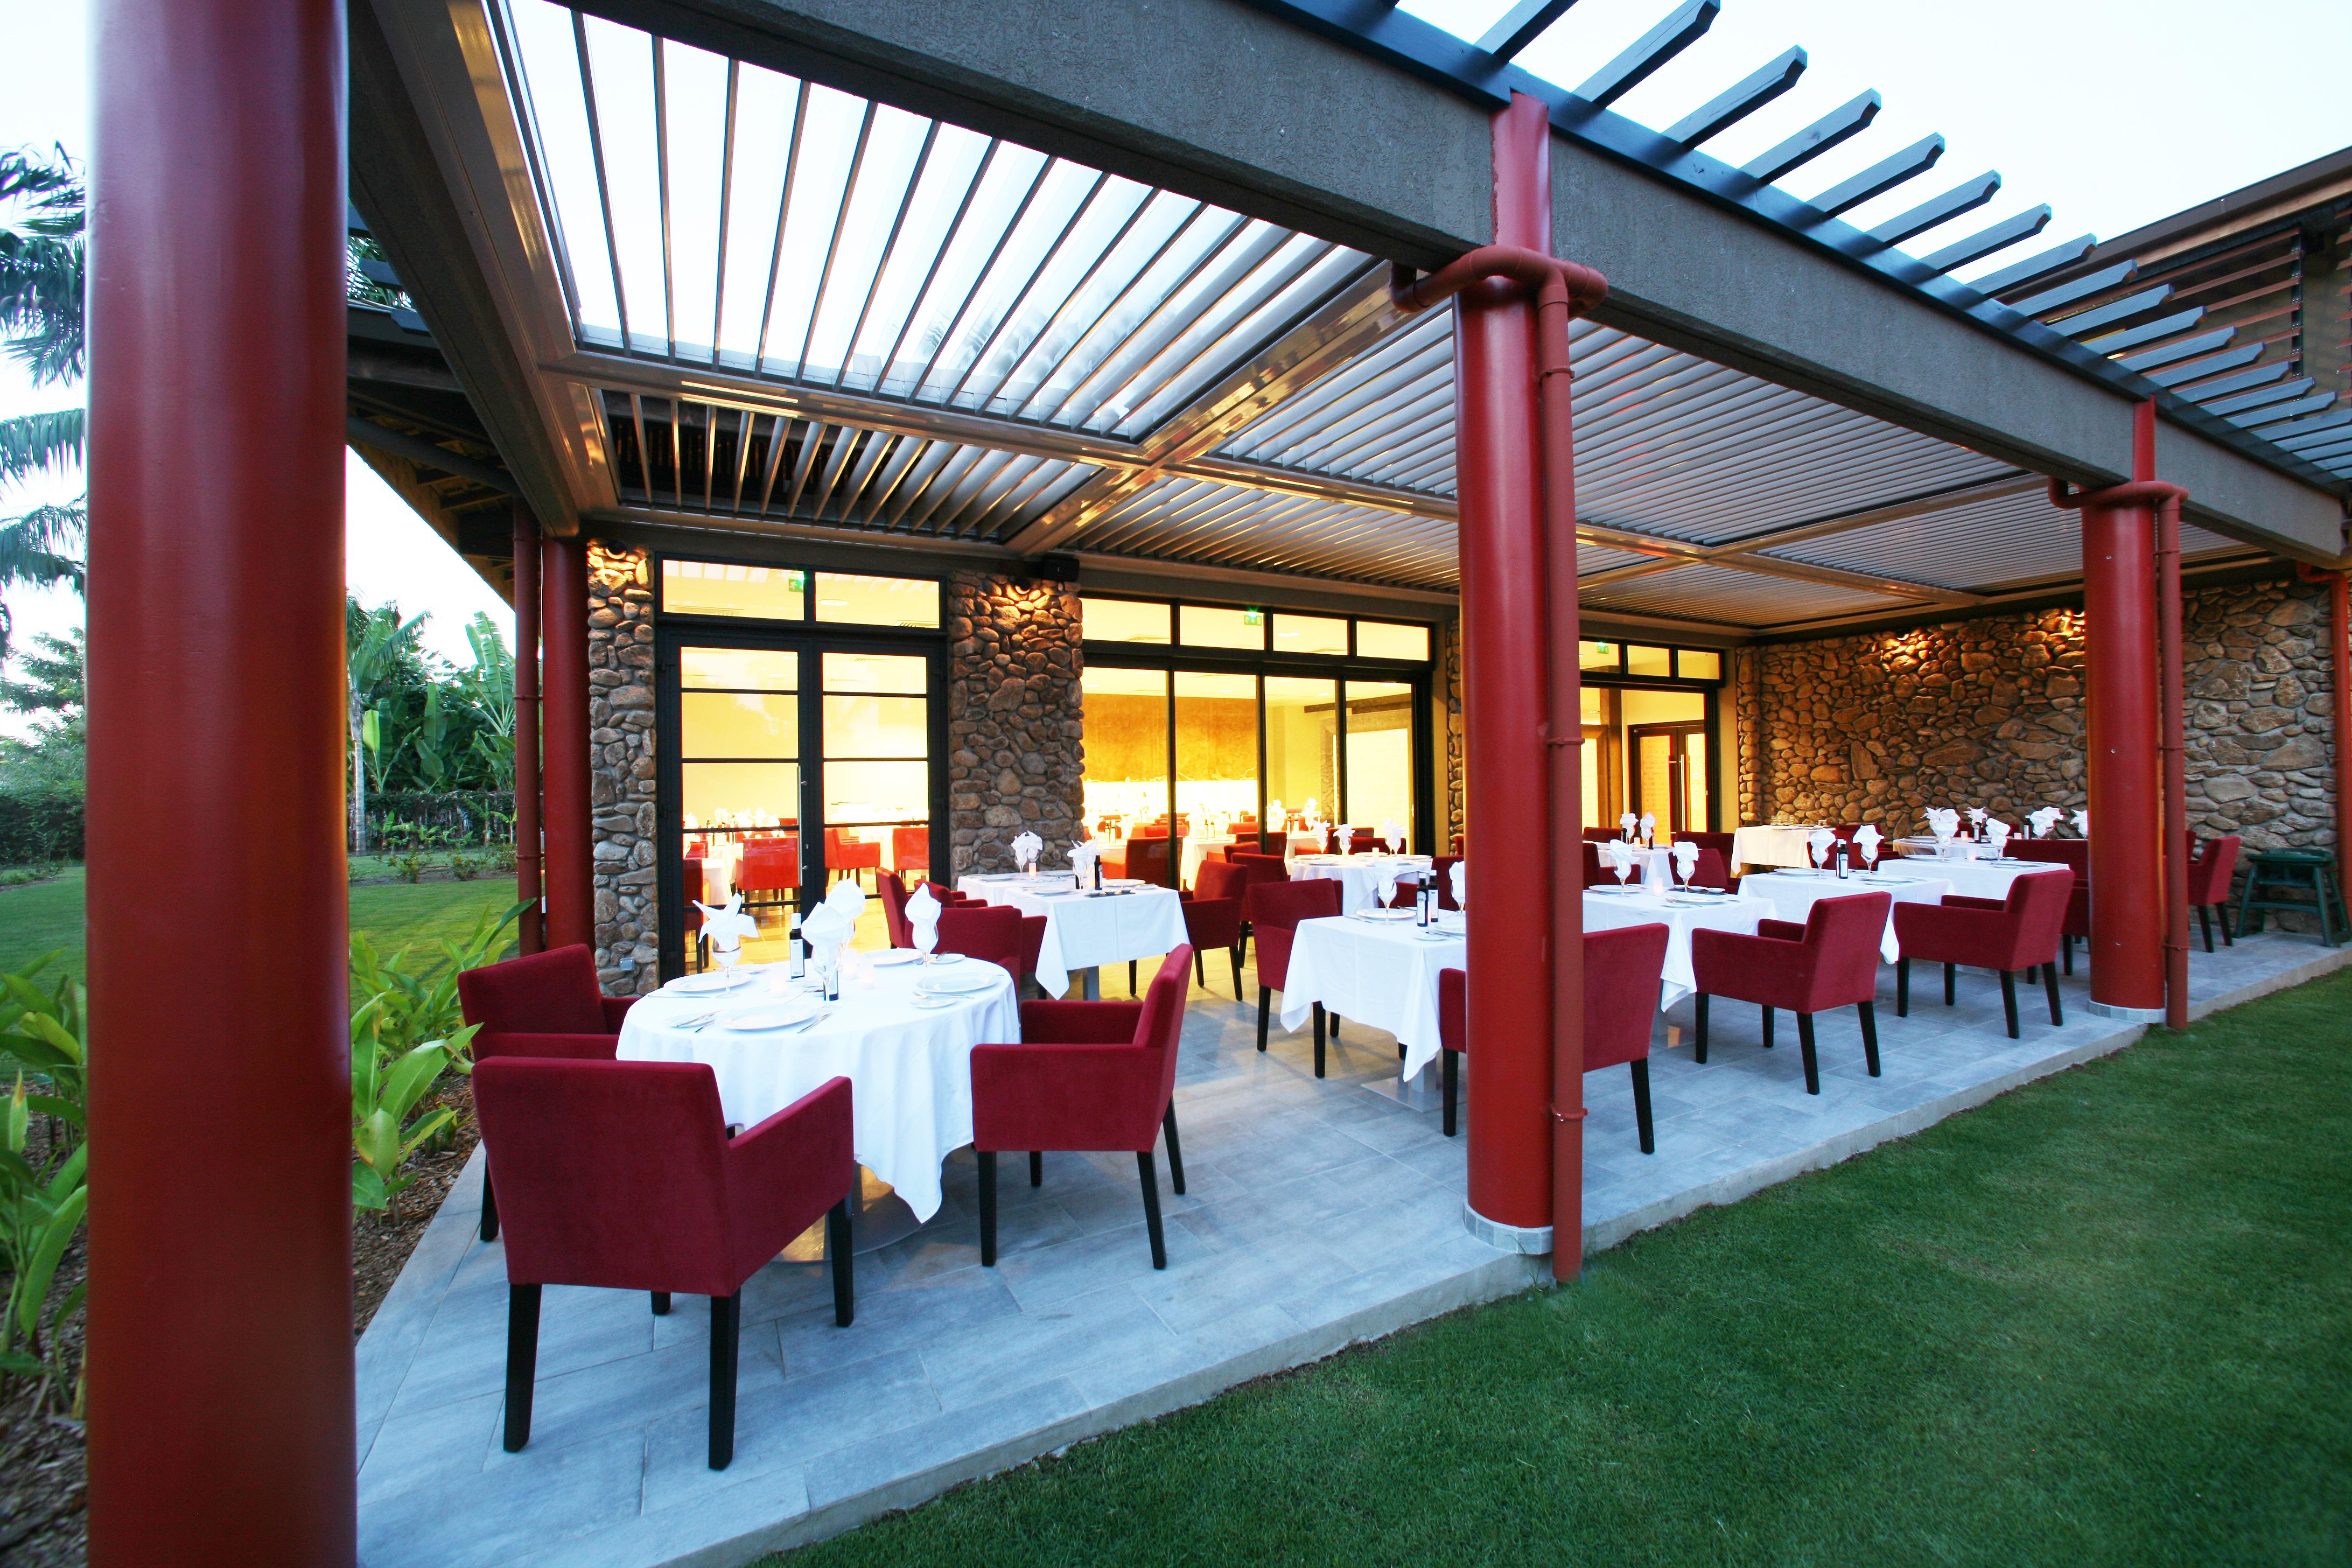 https://tahititourisme.mx/wp-content/uploads/2018/03/RESTAURATION-Vaitohi-Restaurant-1.jpg